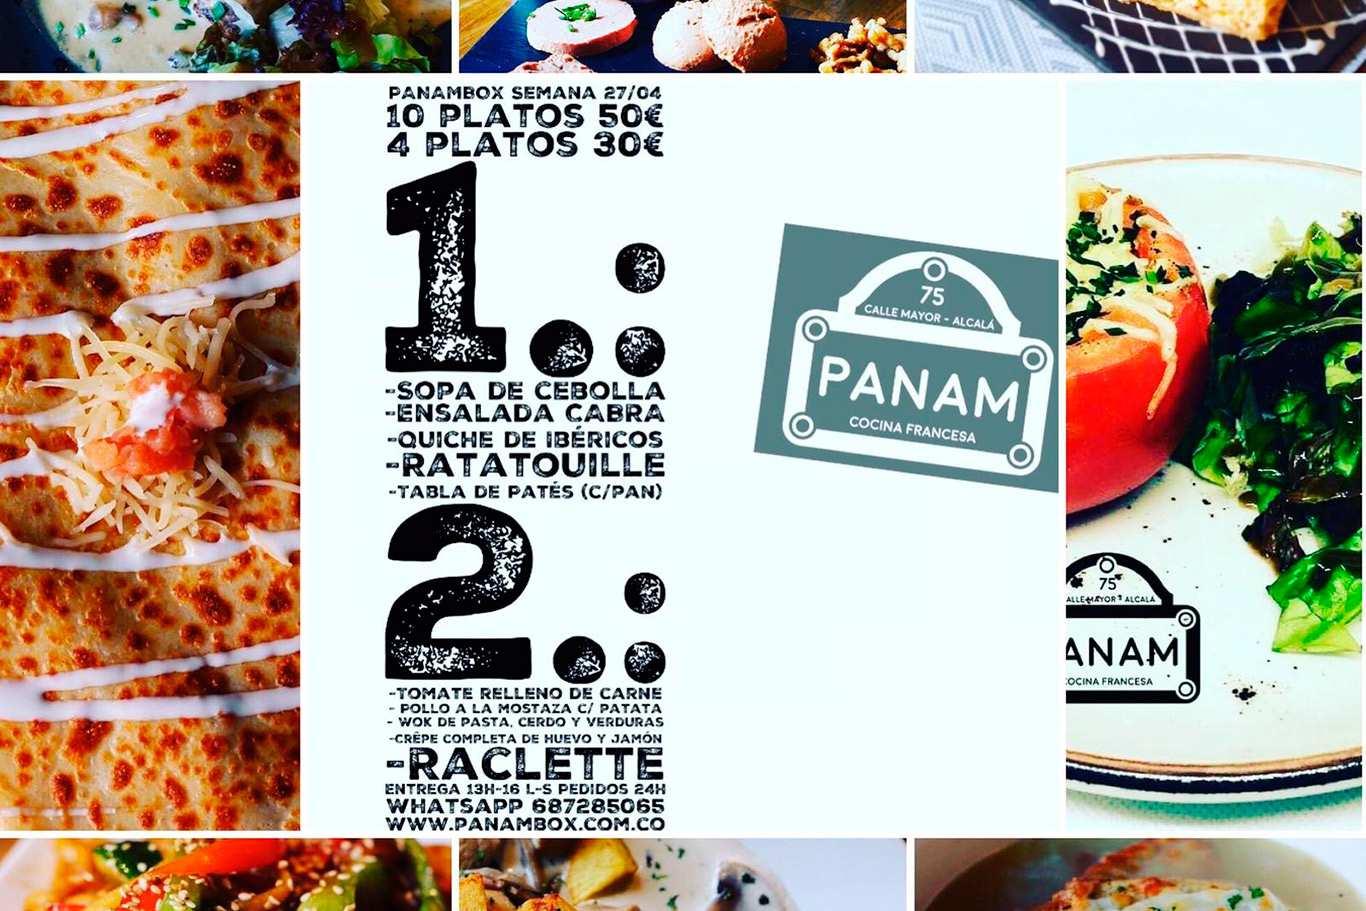 Panambox Las Deliciosas Cajas De Comida A Domicilio Del